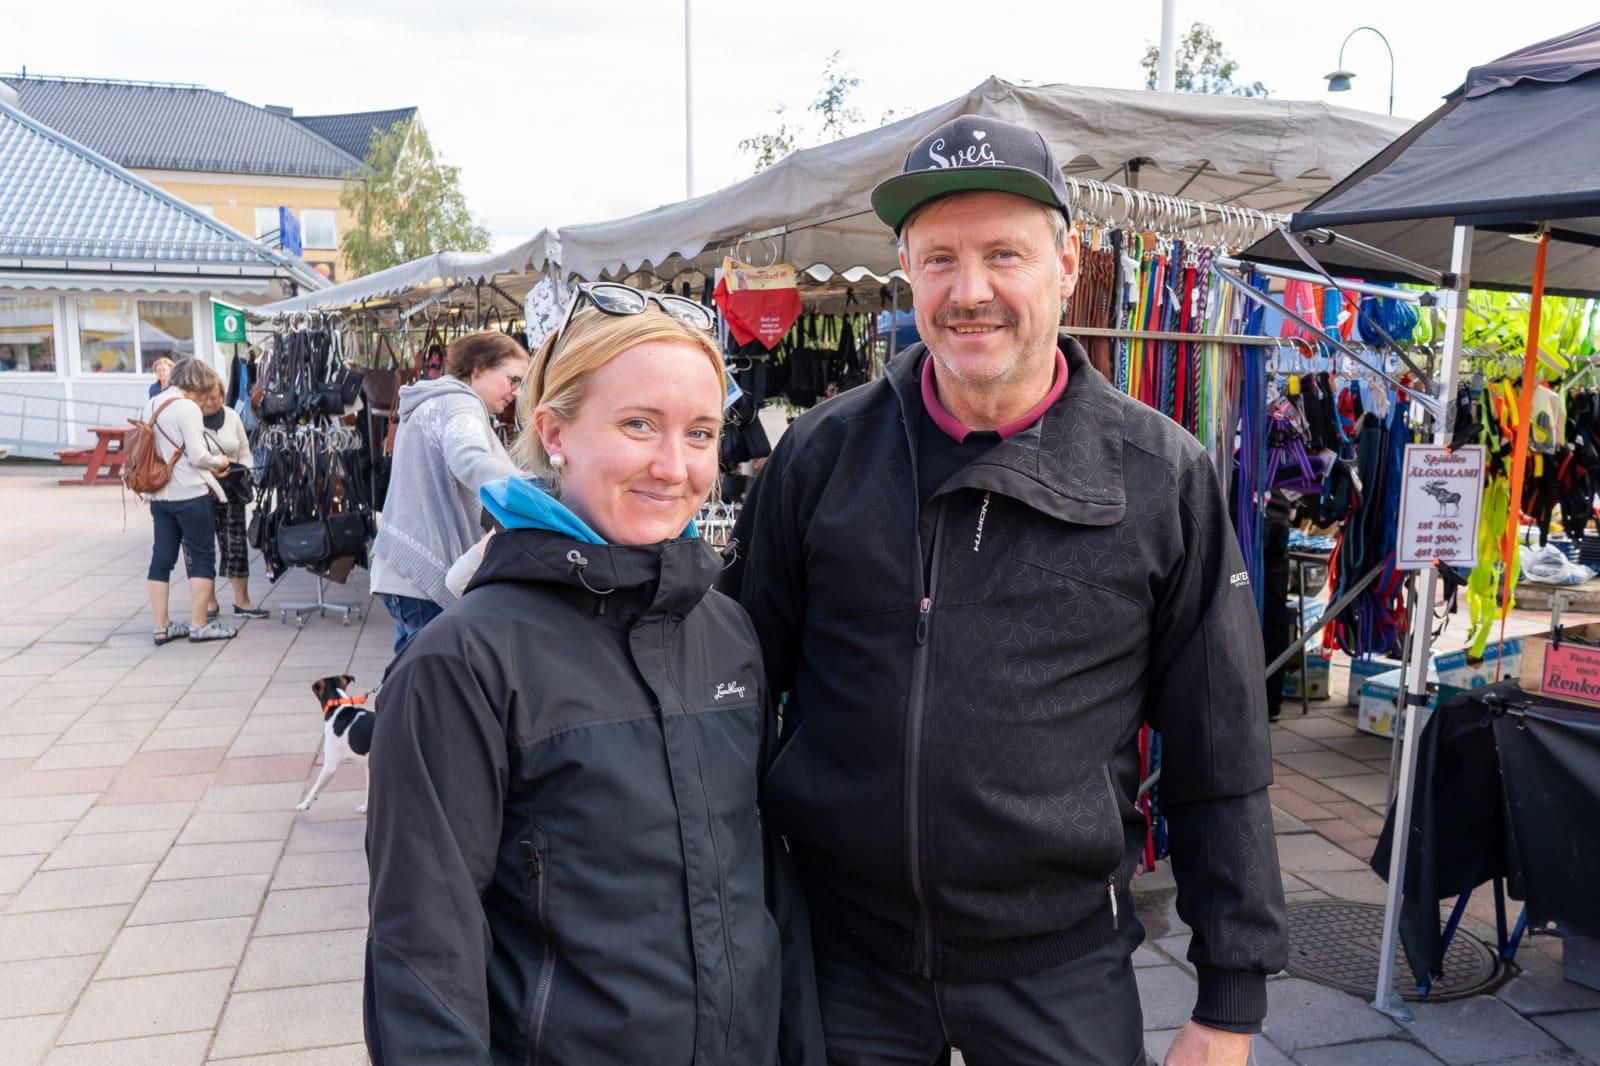 Nathalie Liljedahl och Mikael Larsson, marknadsansvariga för årets sommarmarknader i Sveg, hoppas att fler marknadsknallar hittar till Sveg i sommar. Foto: Morgan Grip